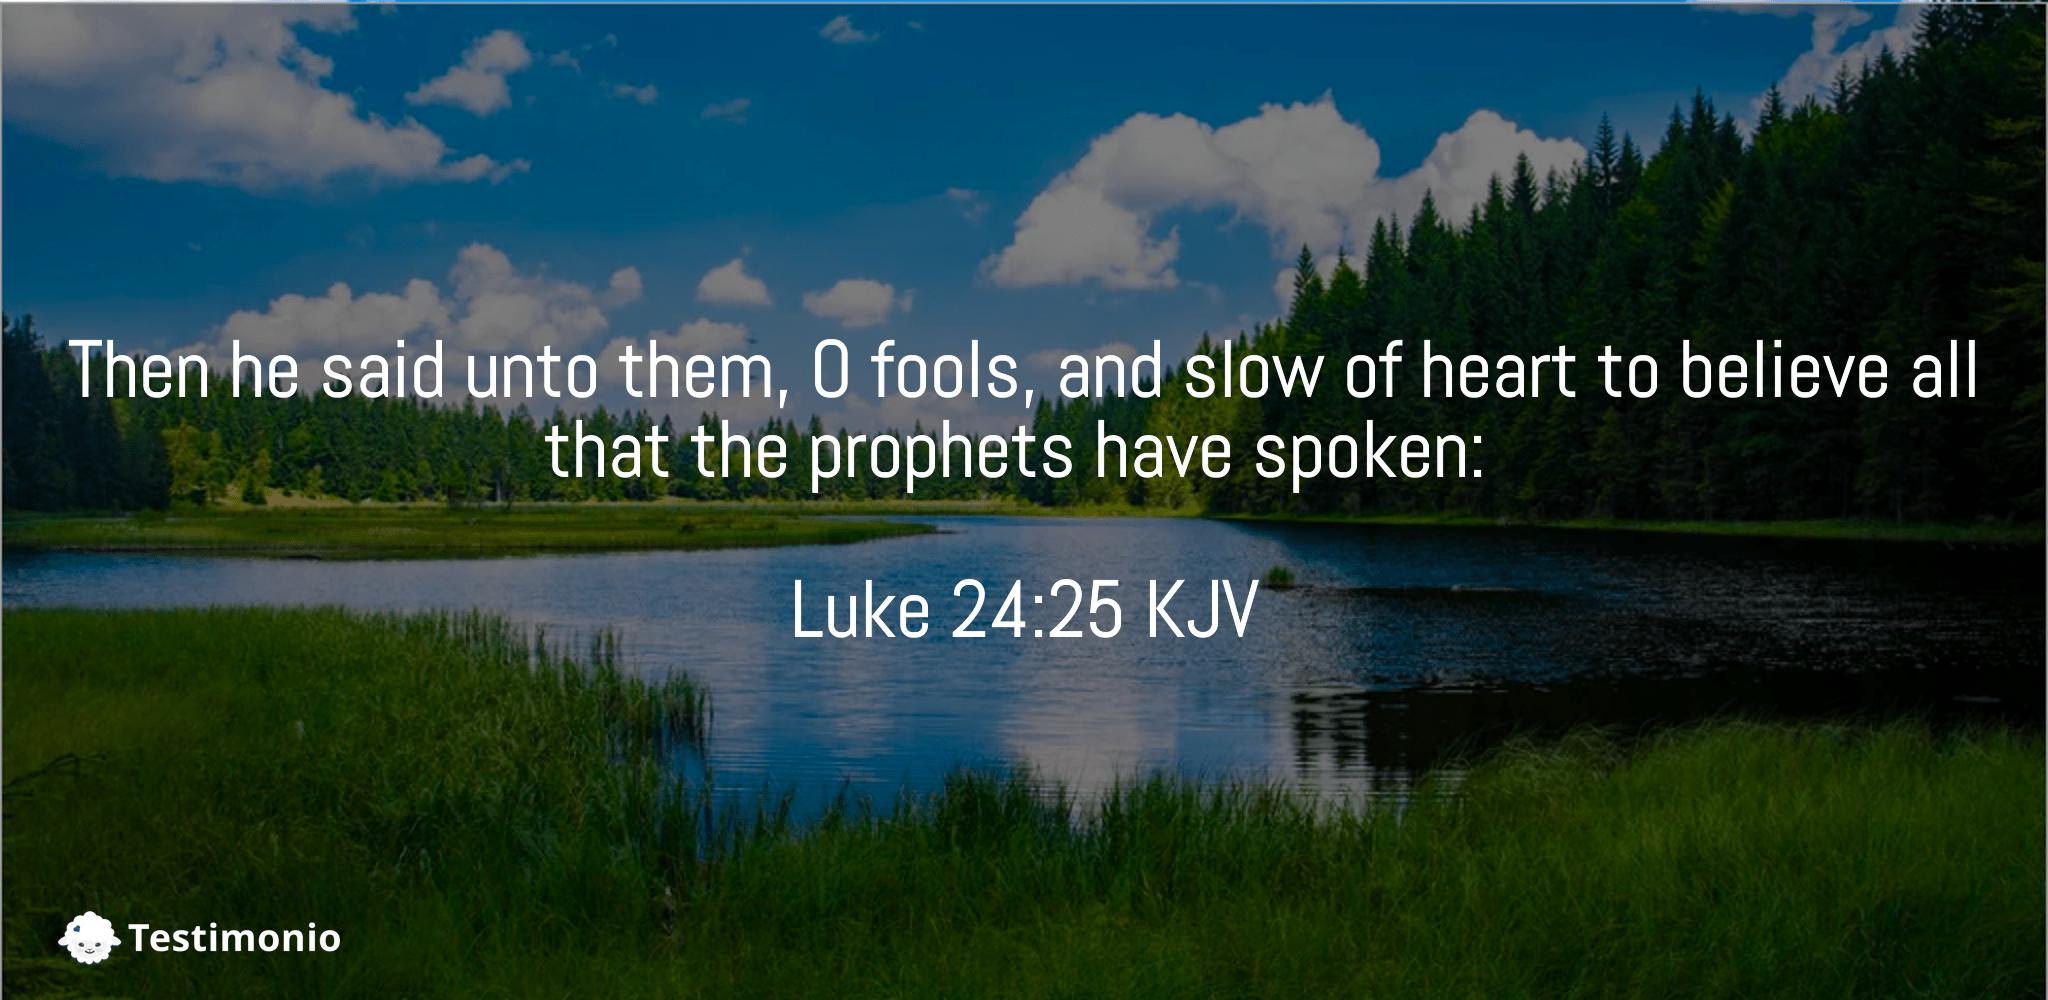 Luke 24:25